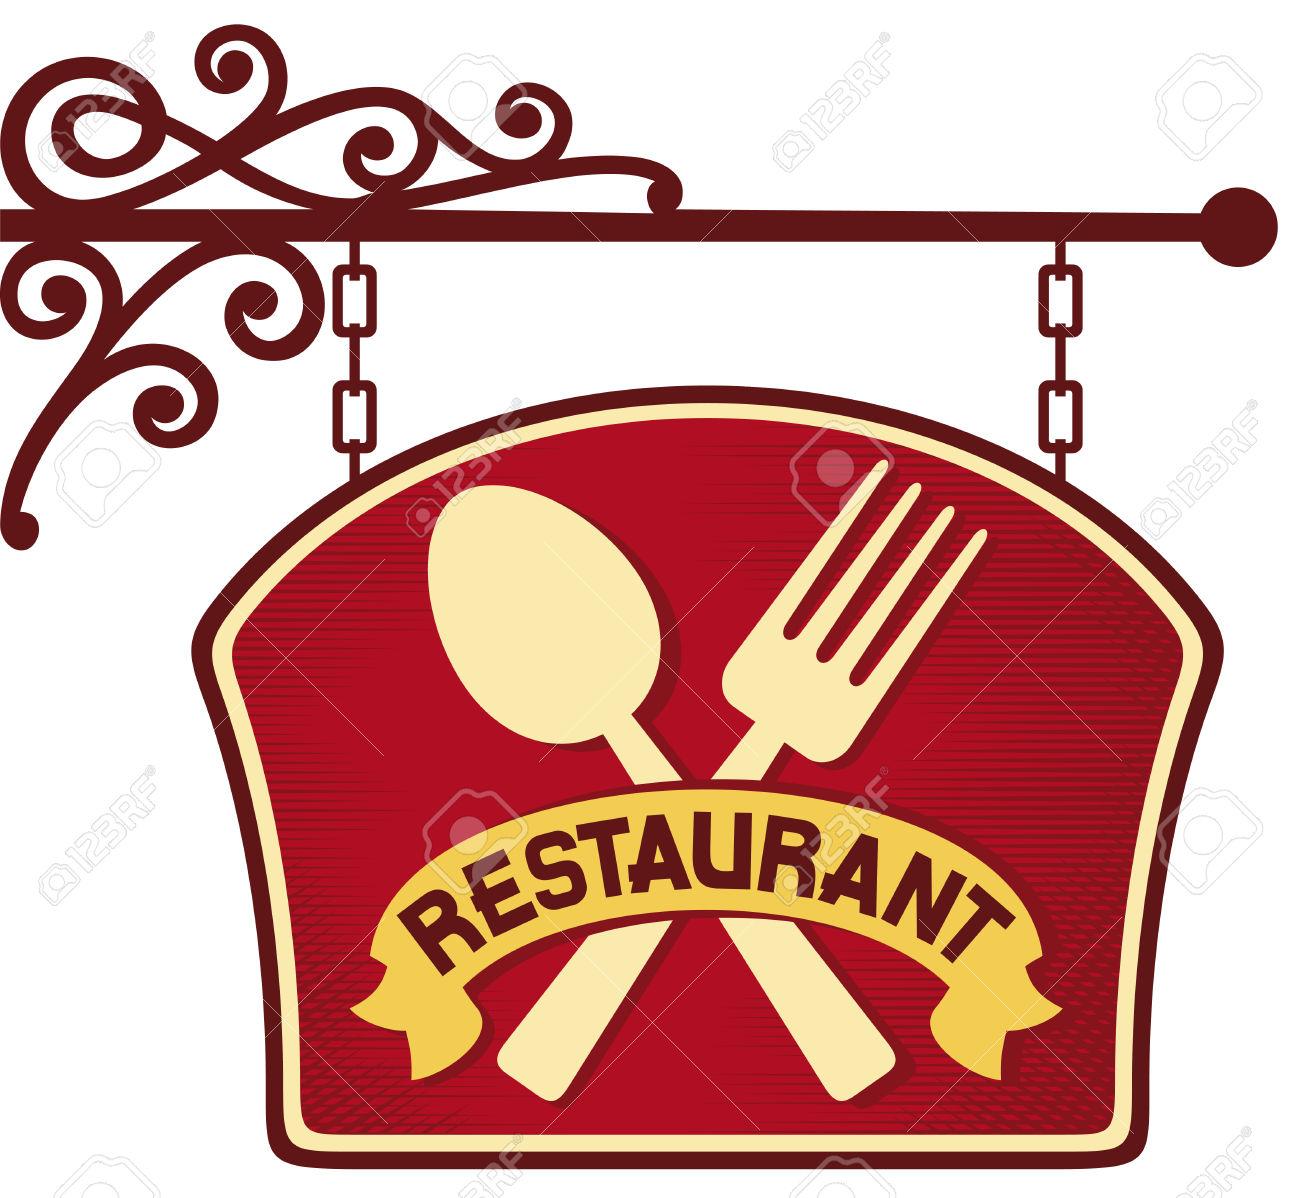 Fancy restaurant buildings clip art - Restaurant Clipart Page 1